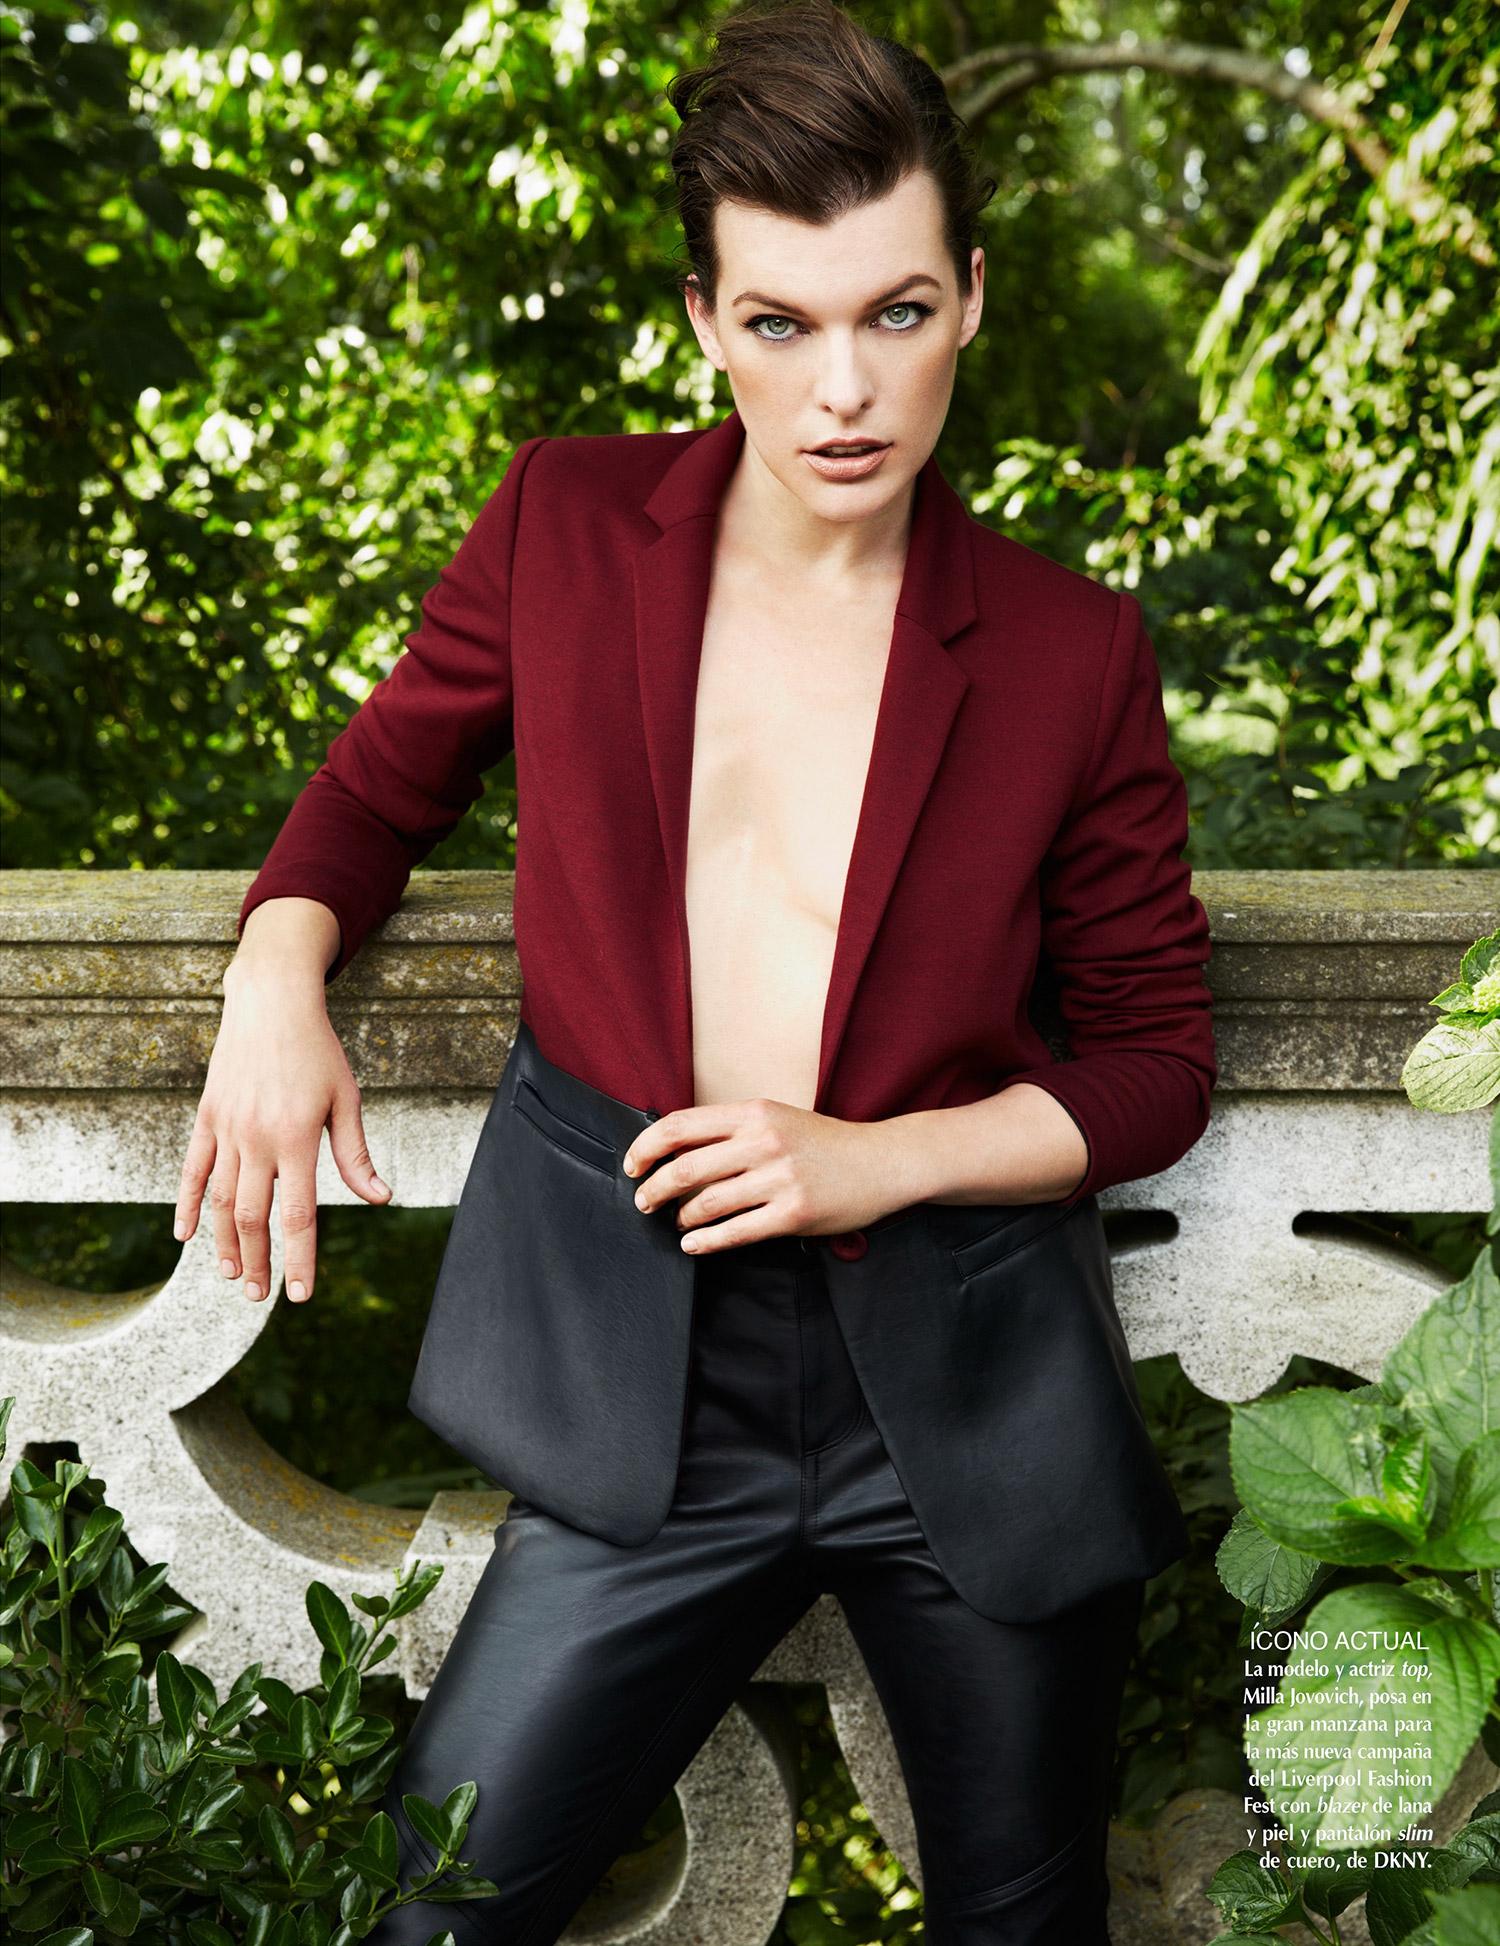 Vogue Mexico / Milla Jovovich